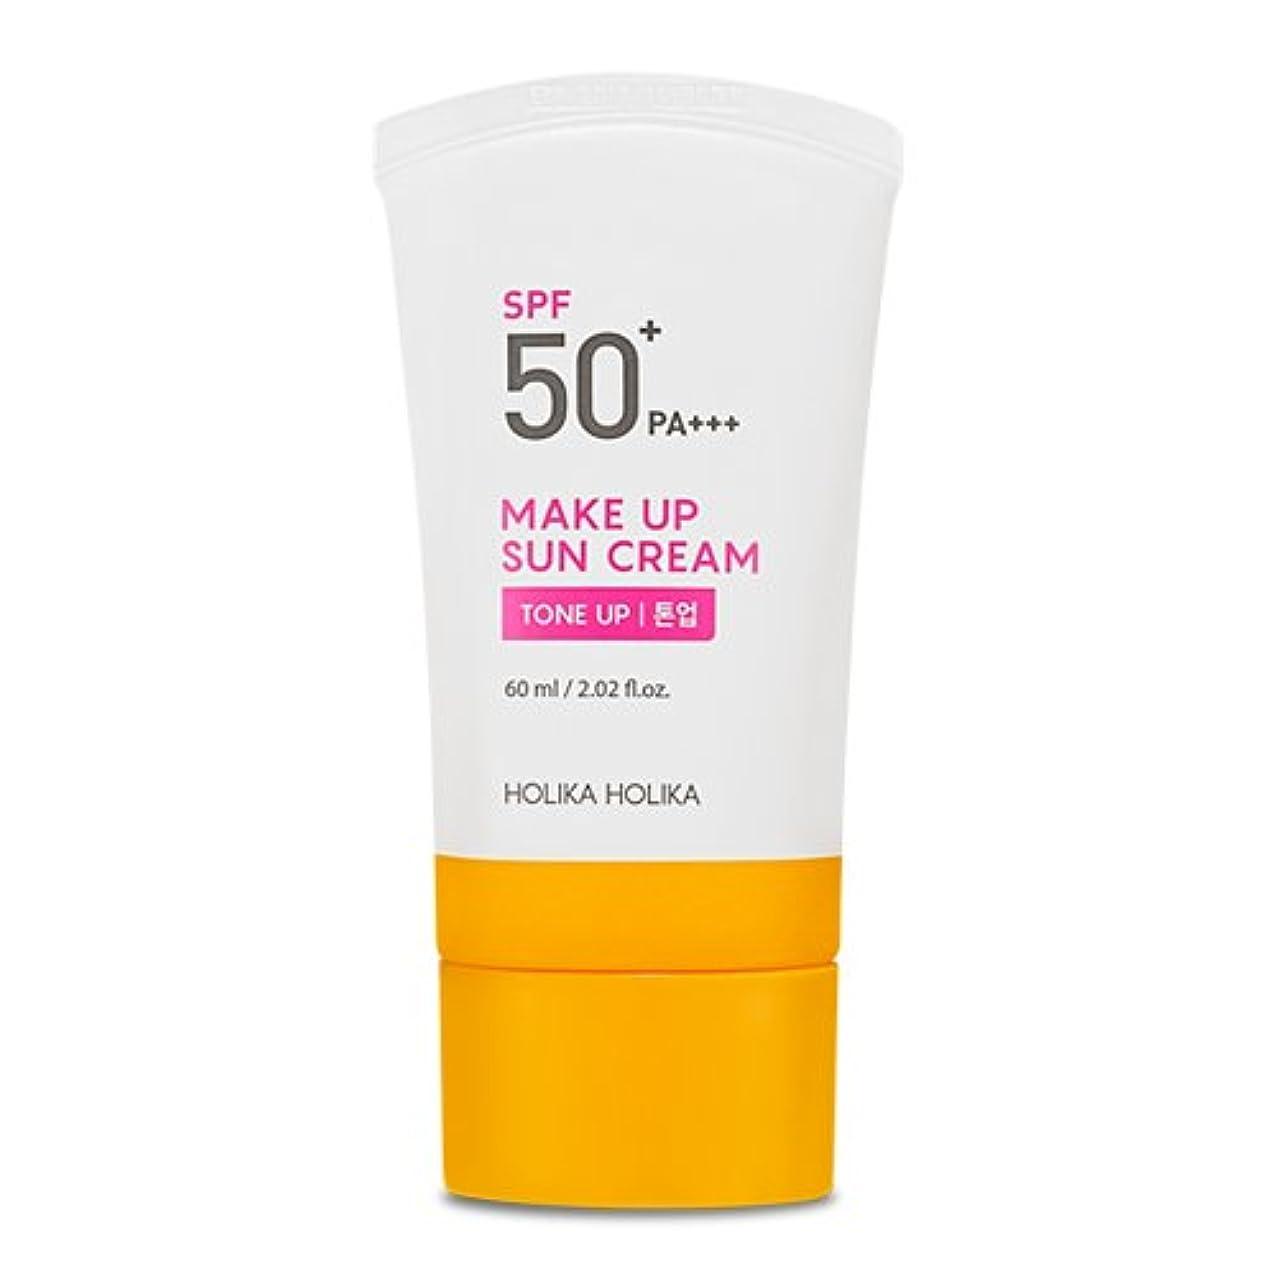 オフェンスフリンジソファー[2018]ホリカホリカ メイクアップ 日焼け止めクリーム/UVケア?Holika Holika Make Up Sun Cream SPF50+ PA+++ 60ml [並行輸入品]